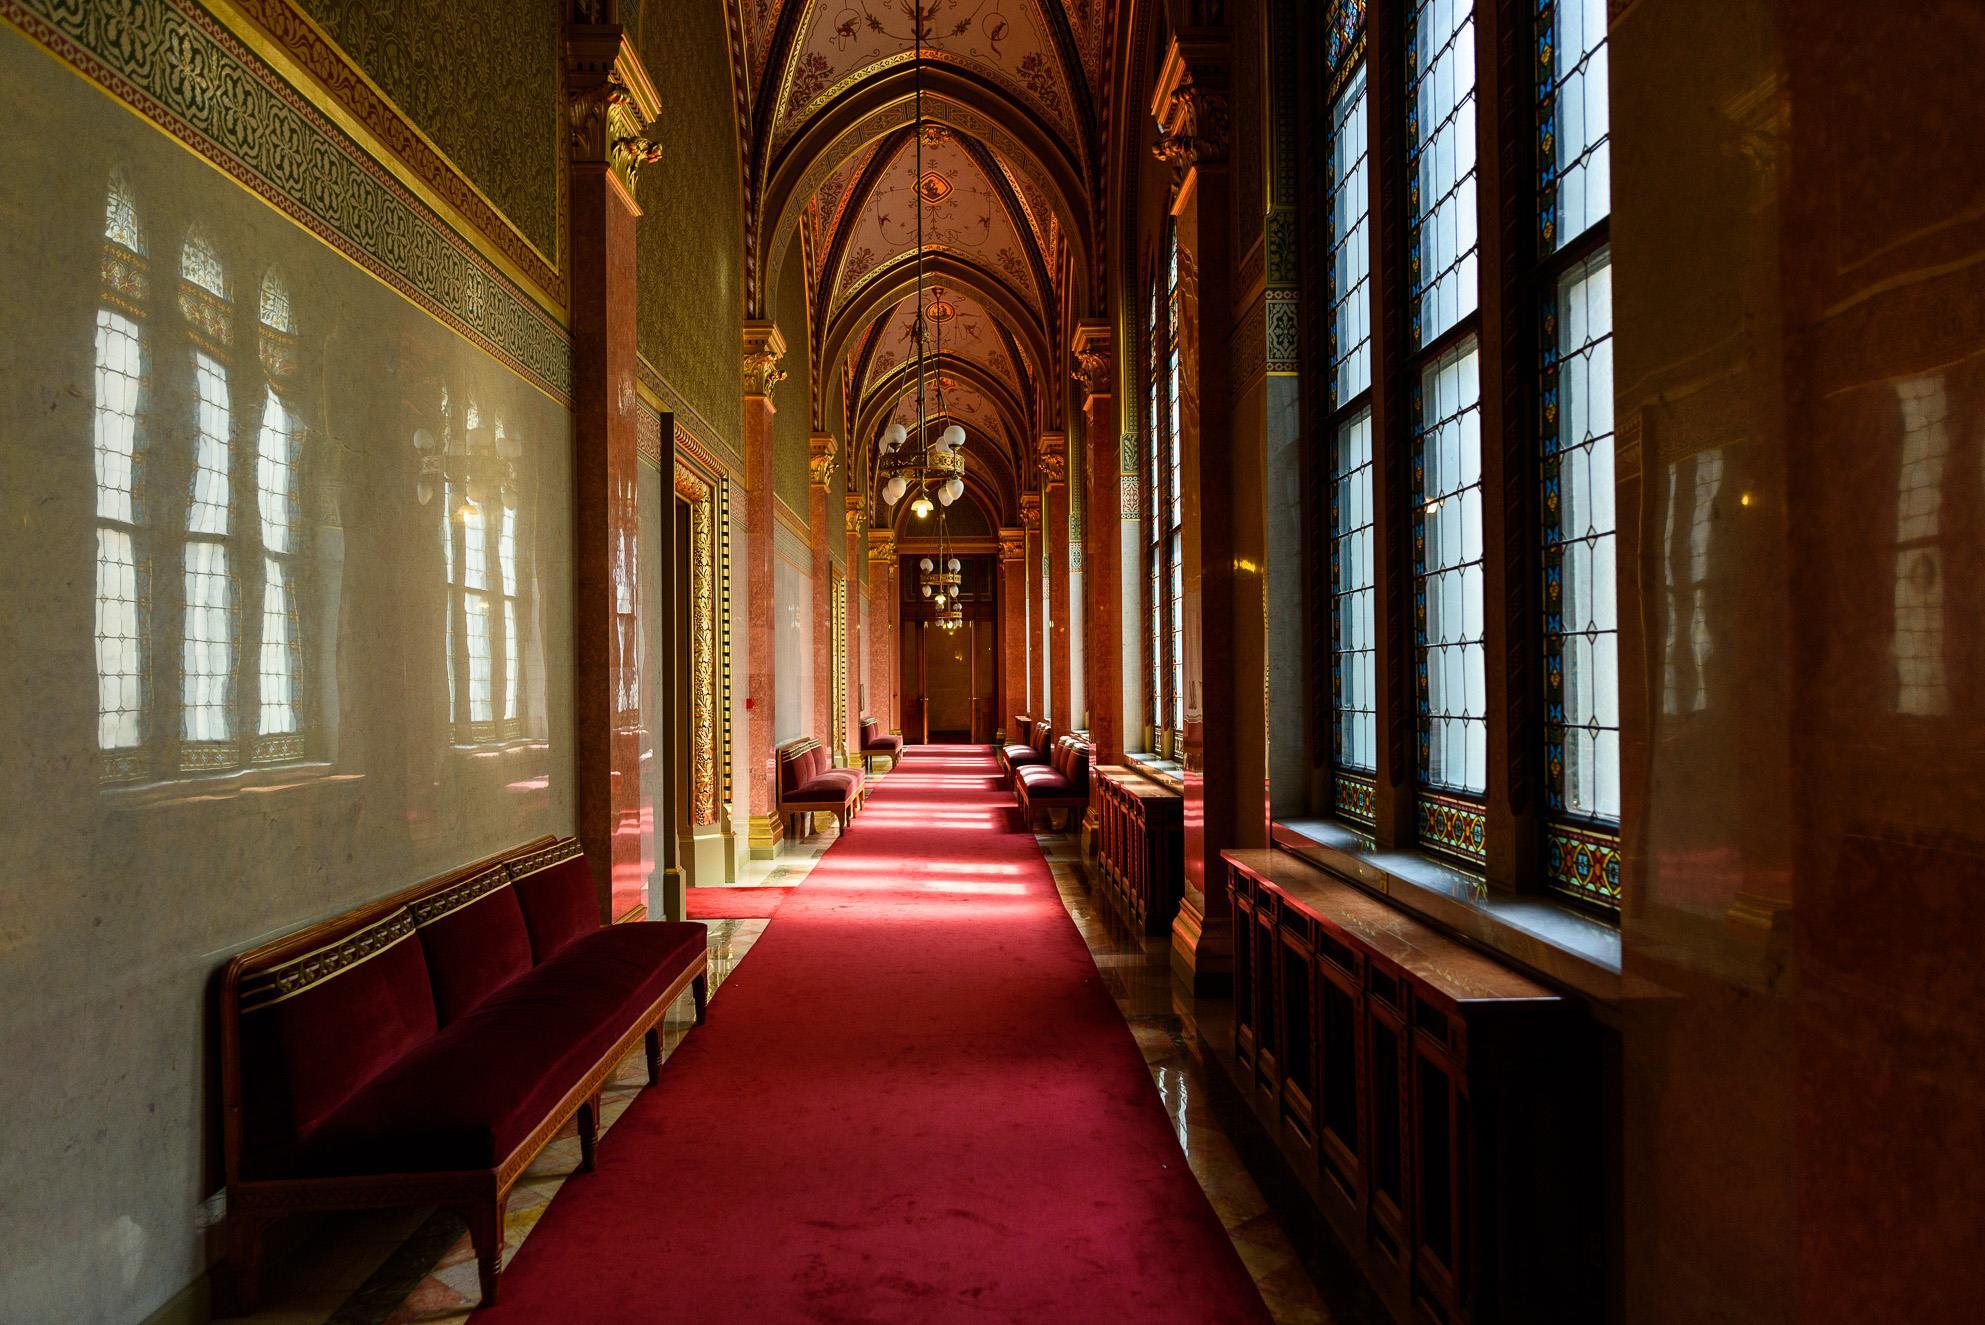 visita-guiada-parlamento-de-budapest-9